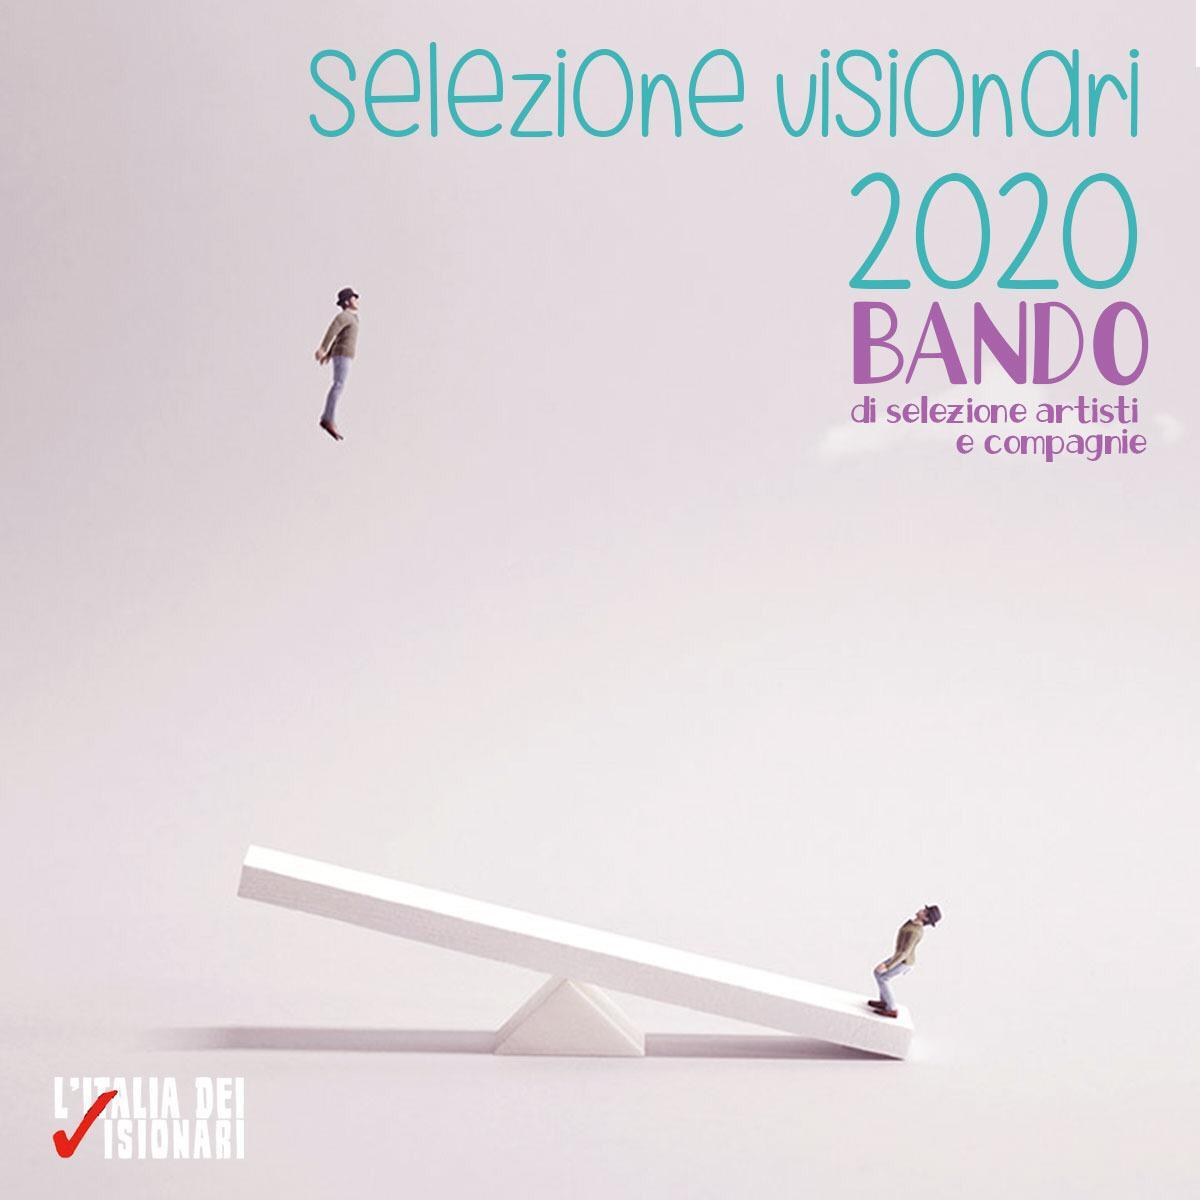 BANDO DI SELEZIONE – L'ITALIA DEI VISIONARI 2020